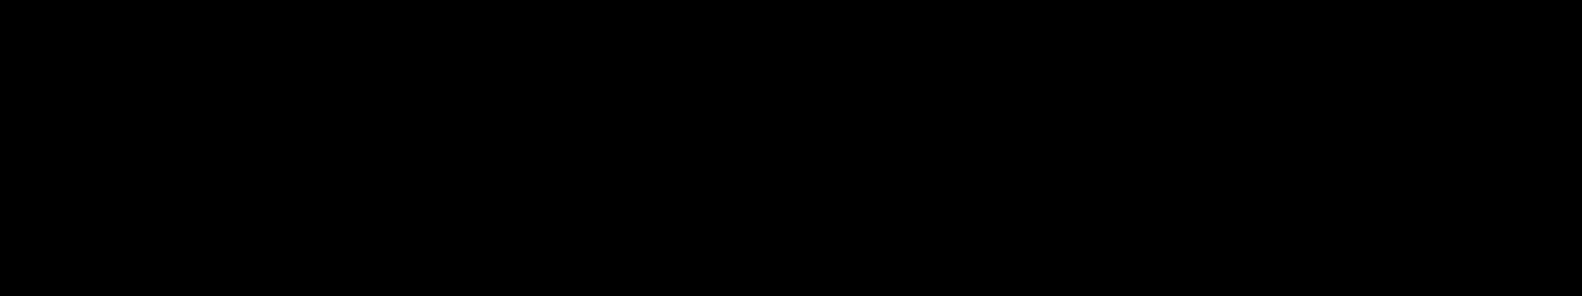 اي.ايس اندالس | asandalus